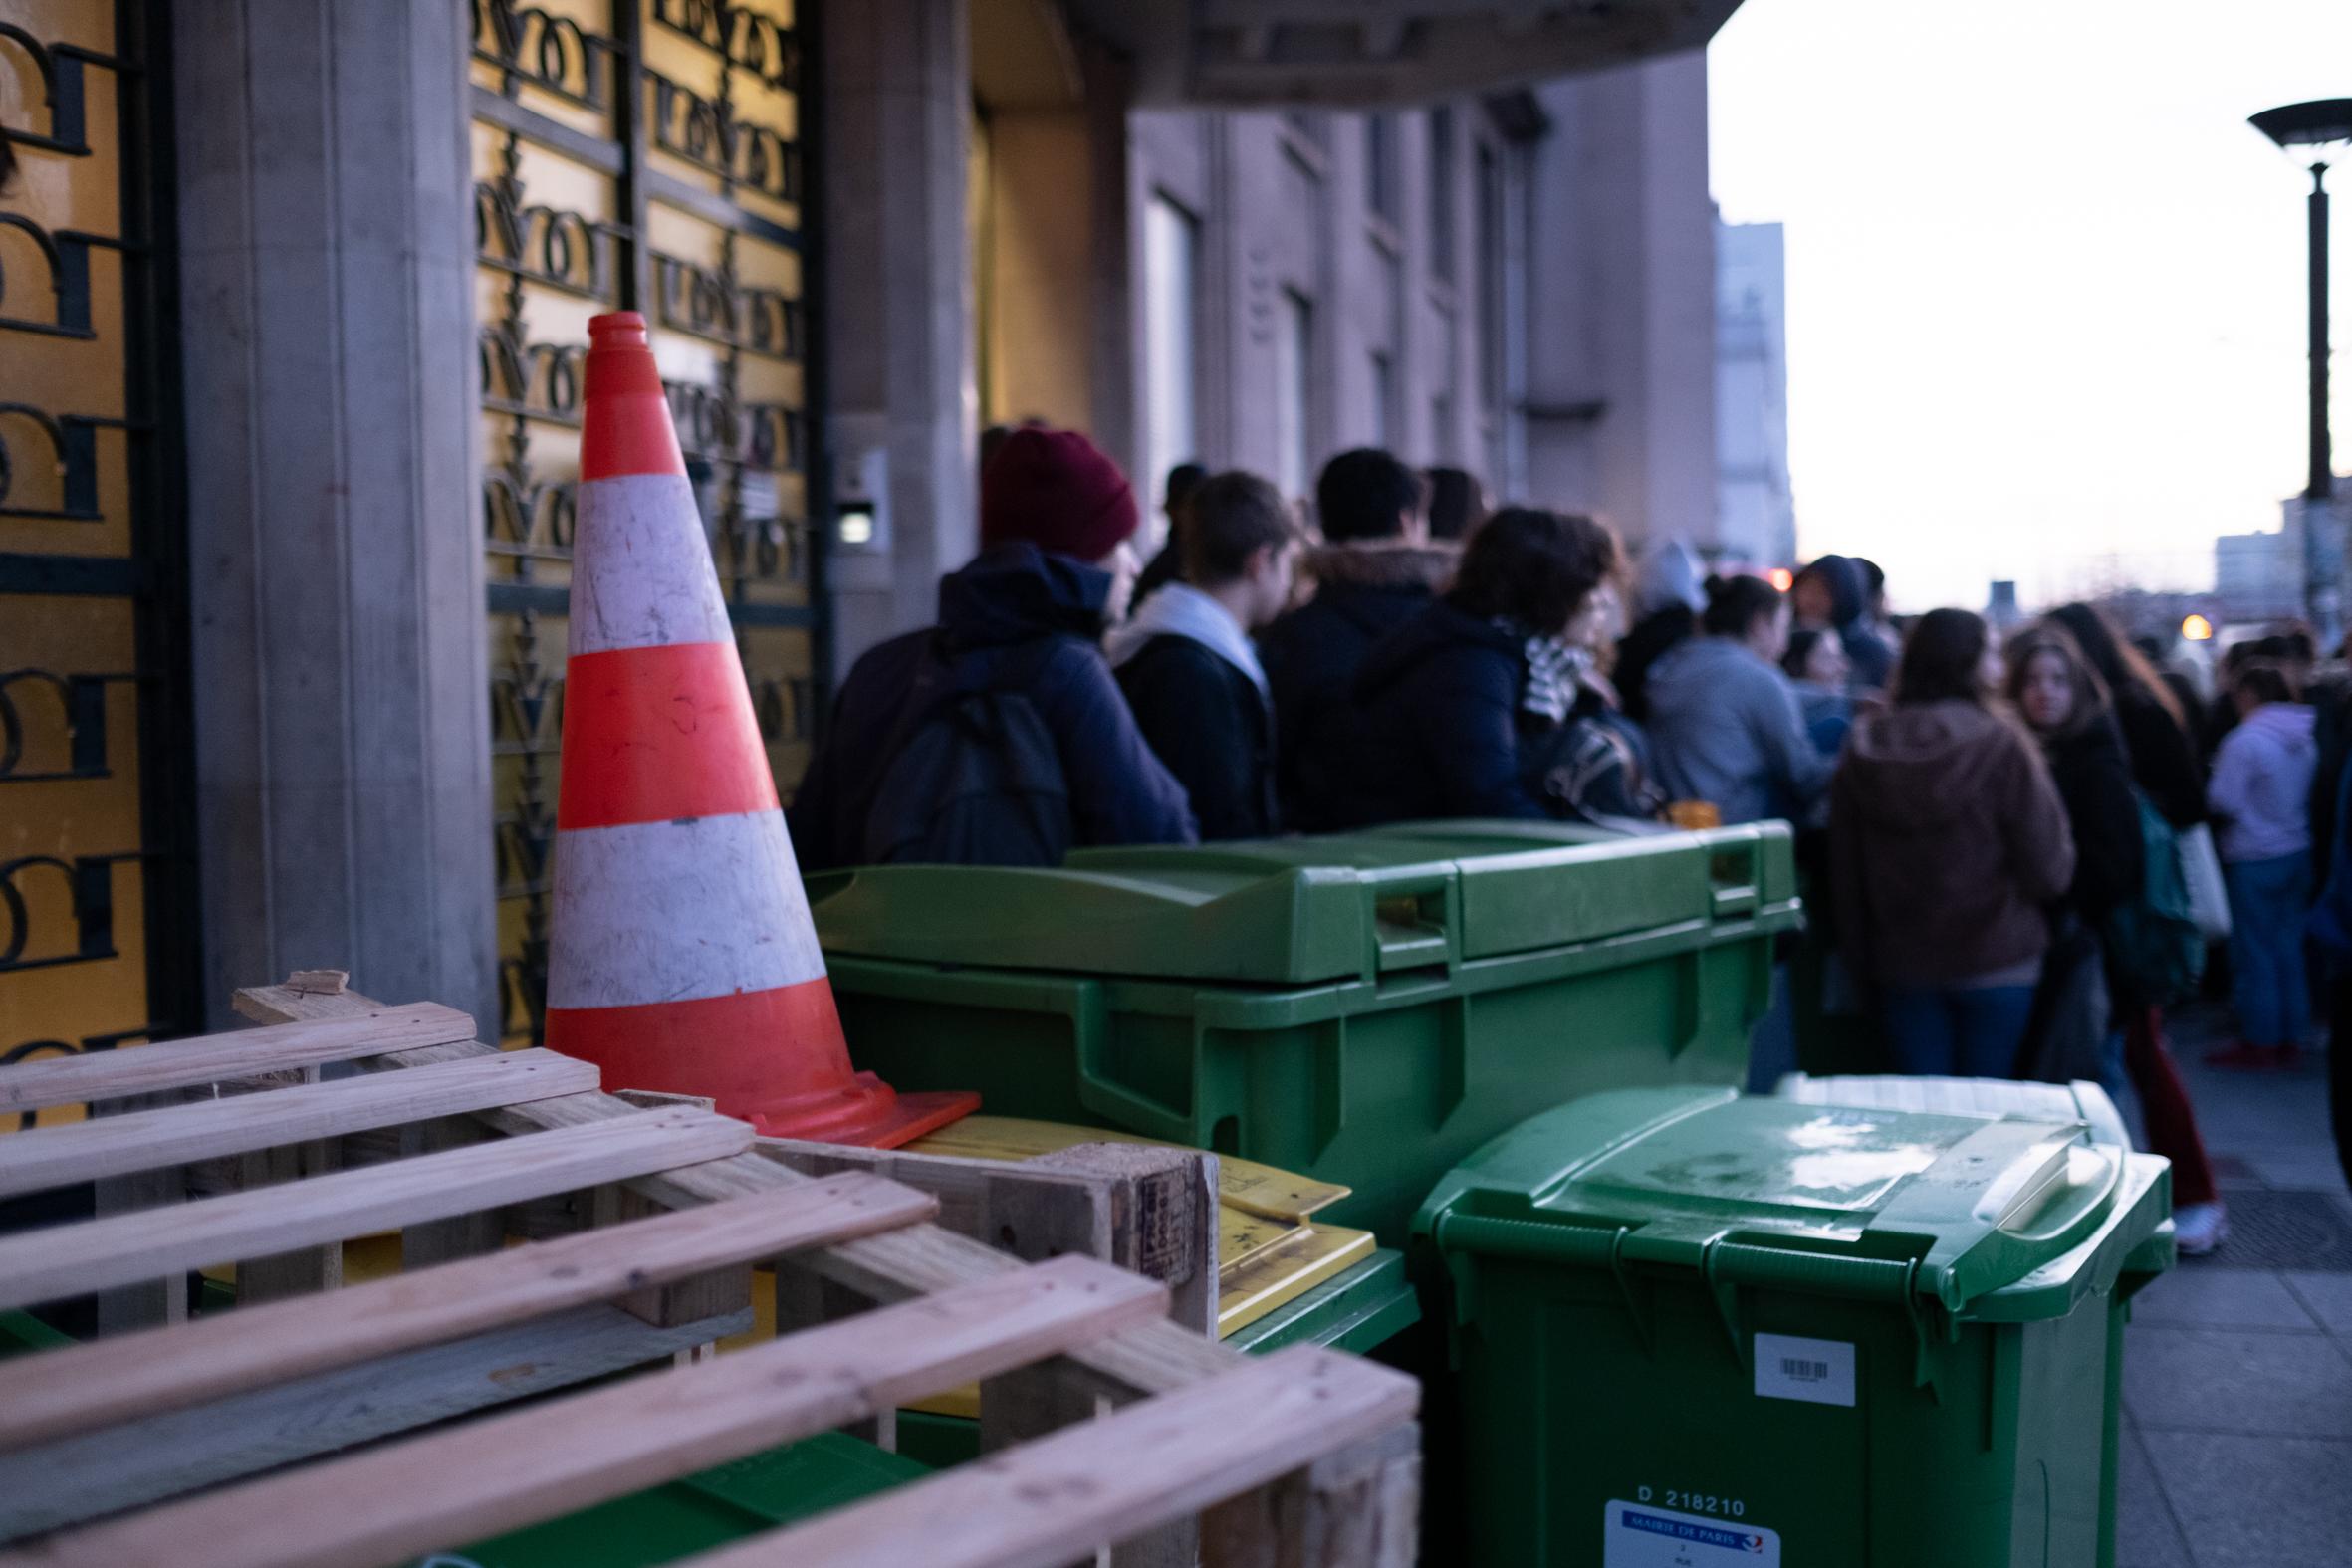 8h50: Les élèves affluent devant l'établissement bloqué, alors que les cours sont censés avoir débuté. Certains prennent par au mouvement en rapportant d'autres poubelles